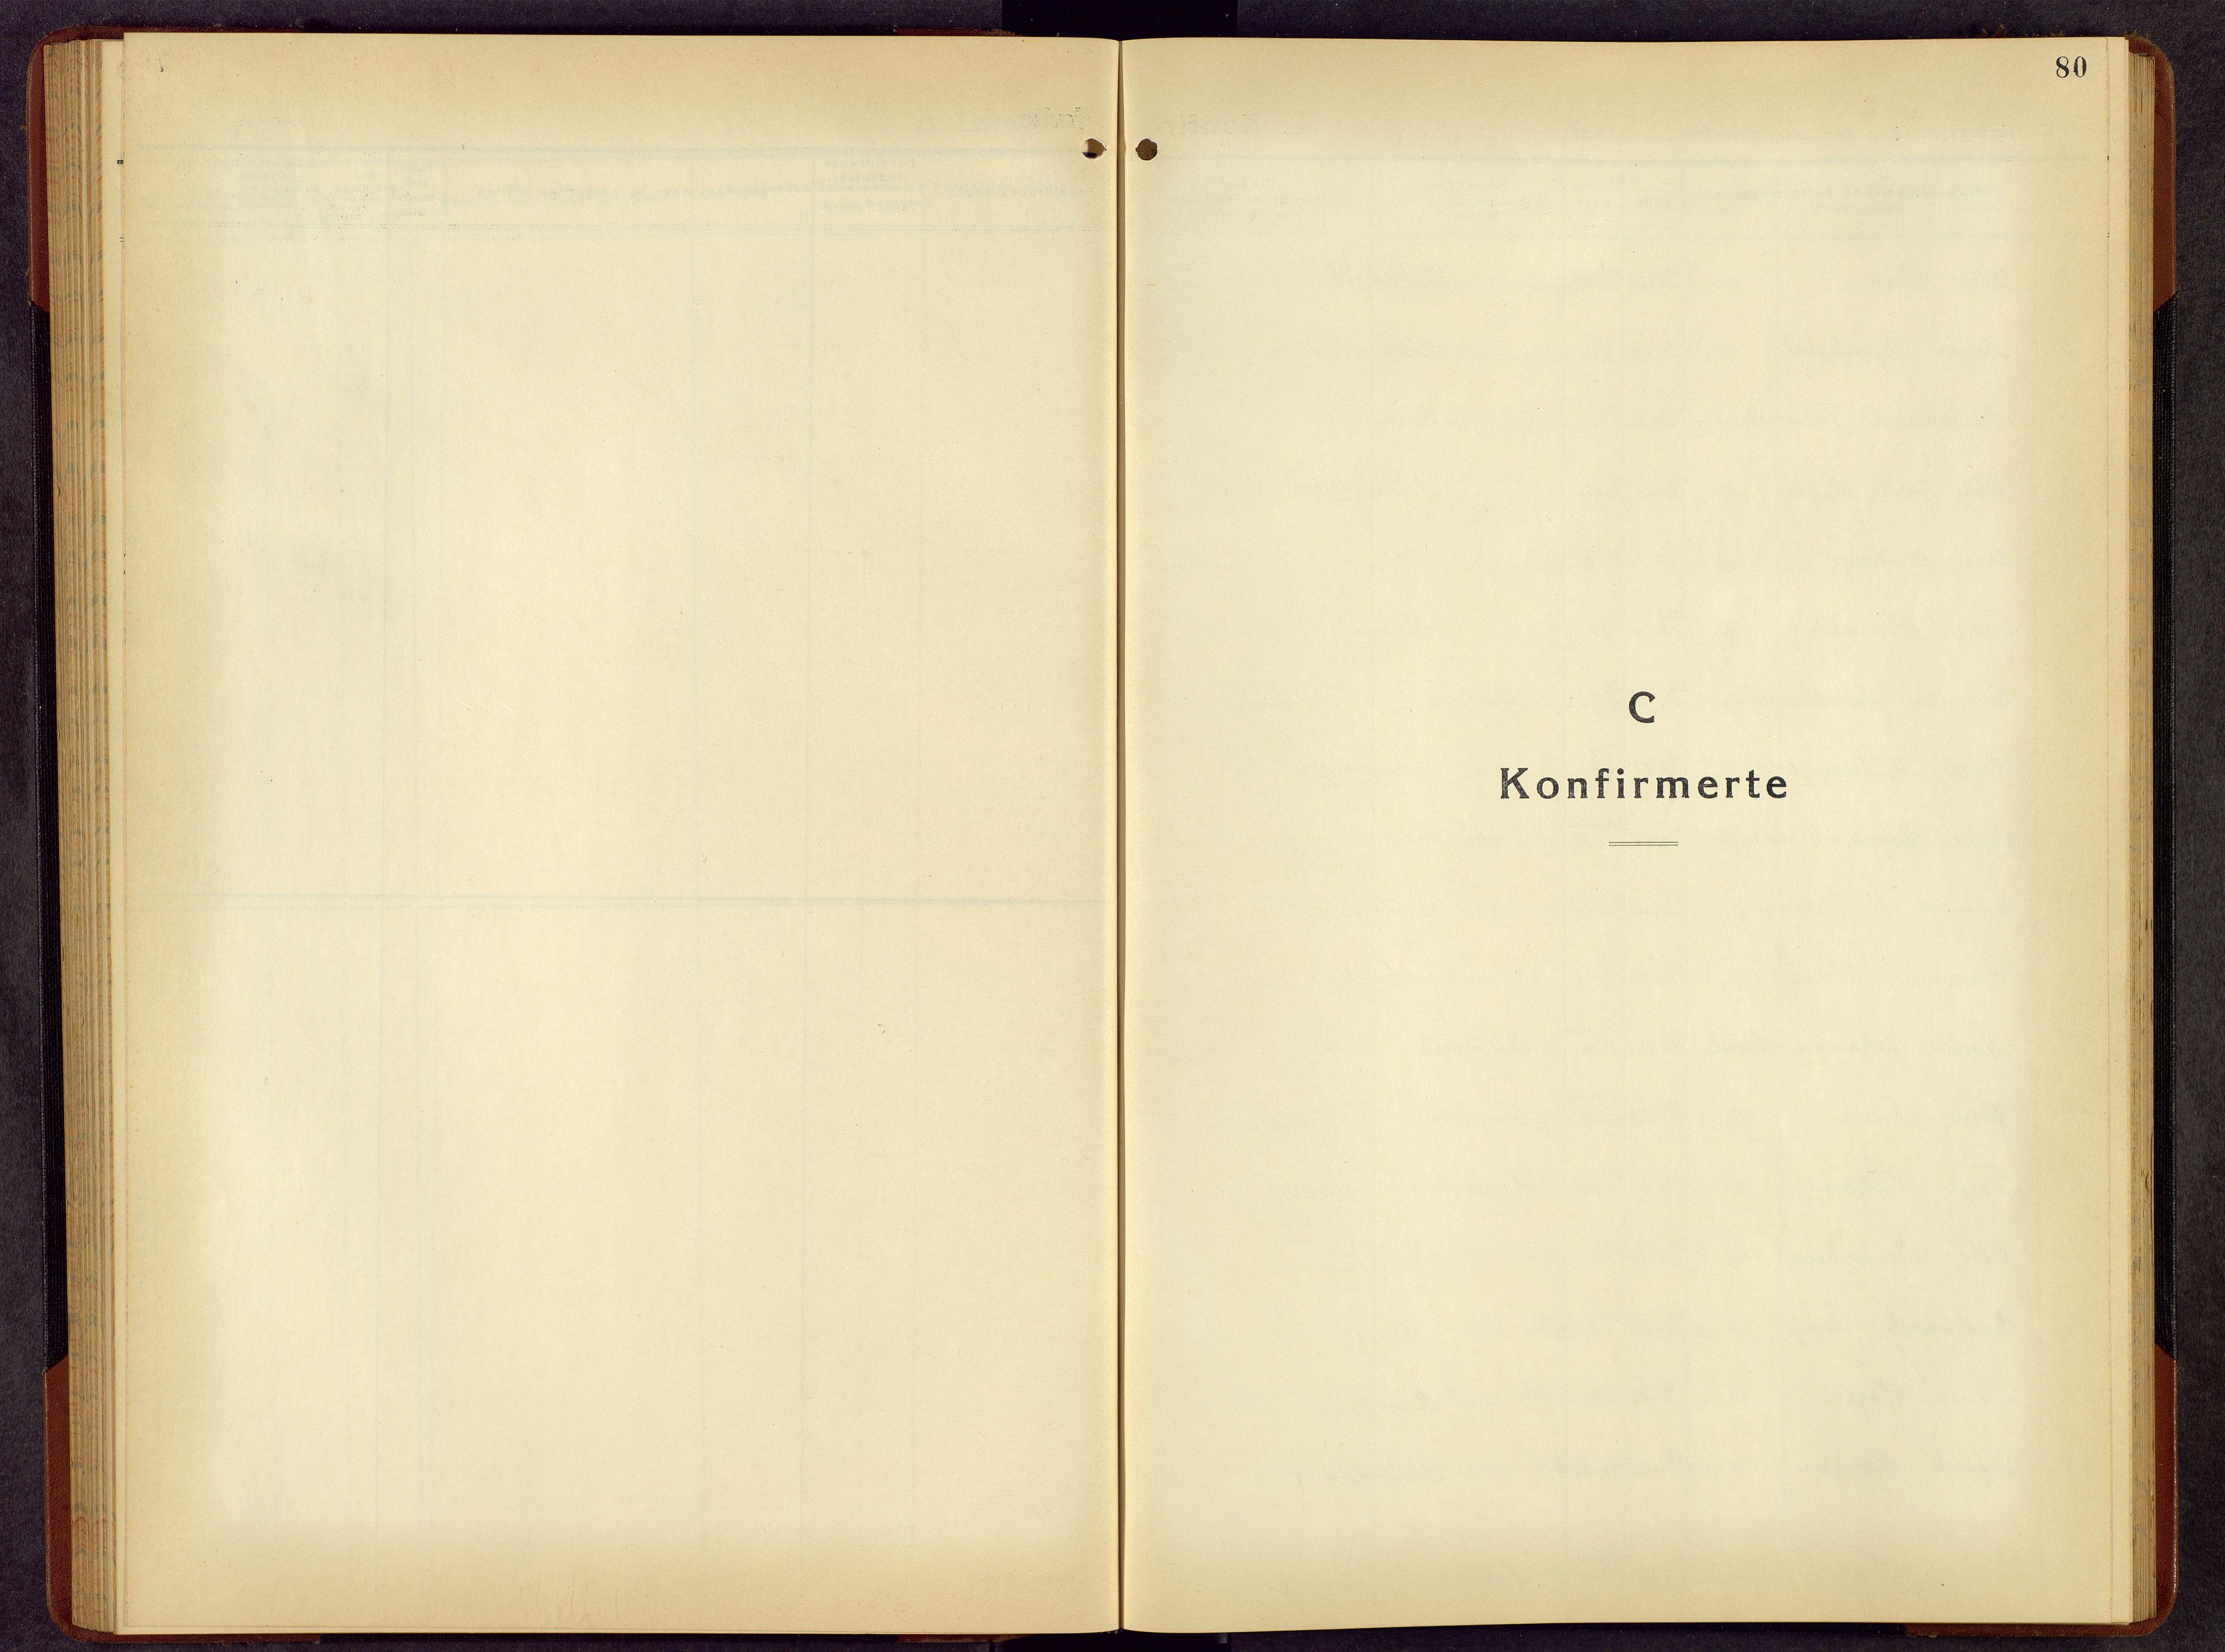 SAH, Rendalen prestekontor, H/Ha/Hab/L0006: Klokkerbok nr. 6, 1941-1958, s. 80